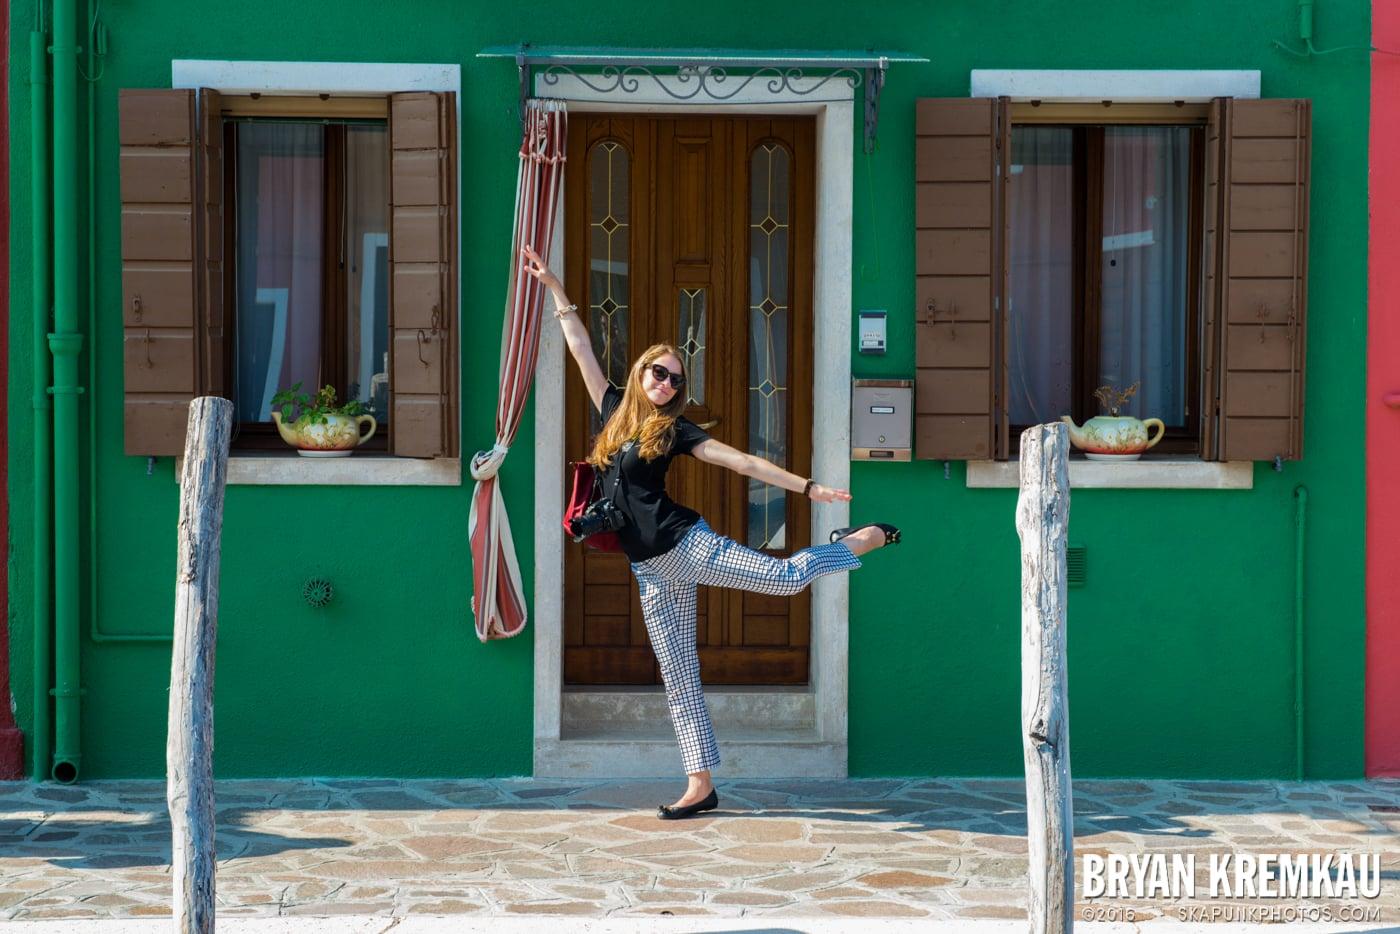 Italy Vacation - Day 6: Murano, Burano, Venice - 9.14.13 (26)